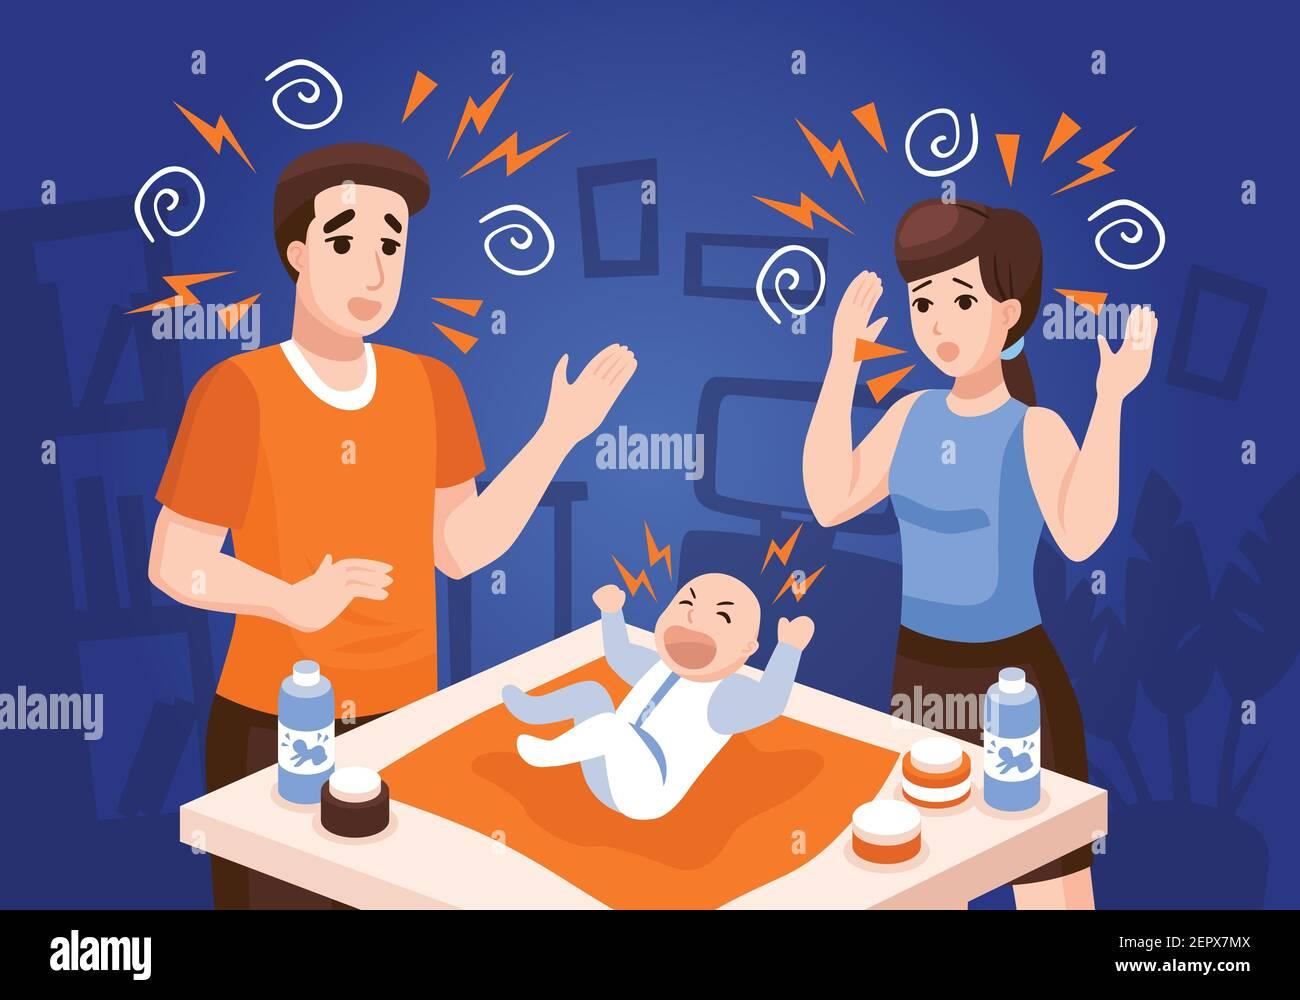 Les bébés problèmes de sommeil composition avec des parents frustrés apaisant les pleurs nouveau-nés illustration du vecteur de fond bleu de bébé de nuit Illustration de Vecteur